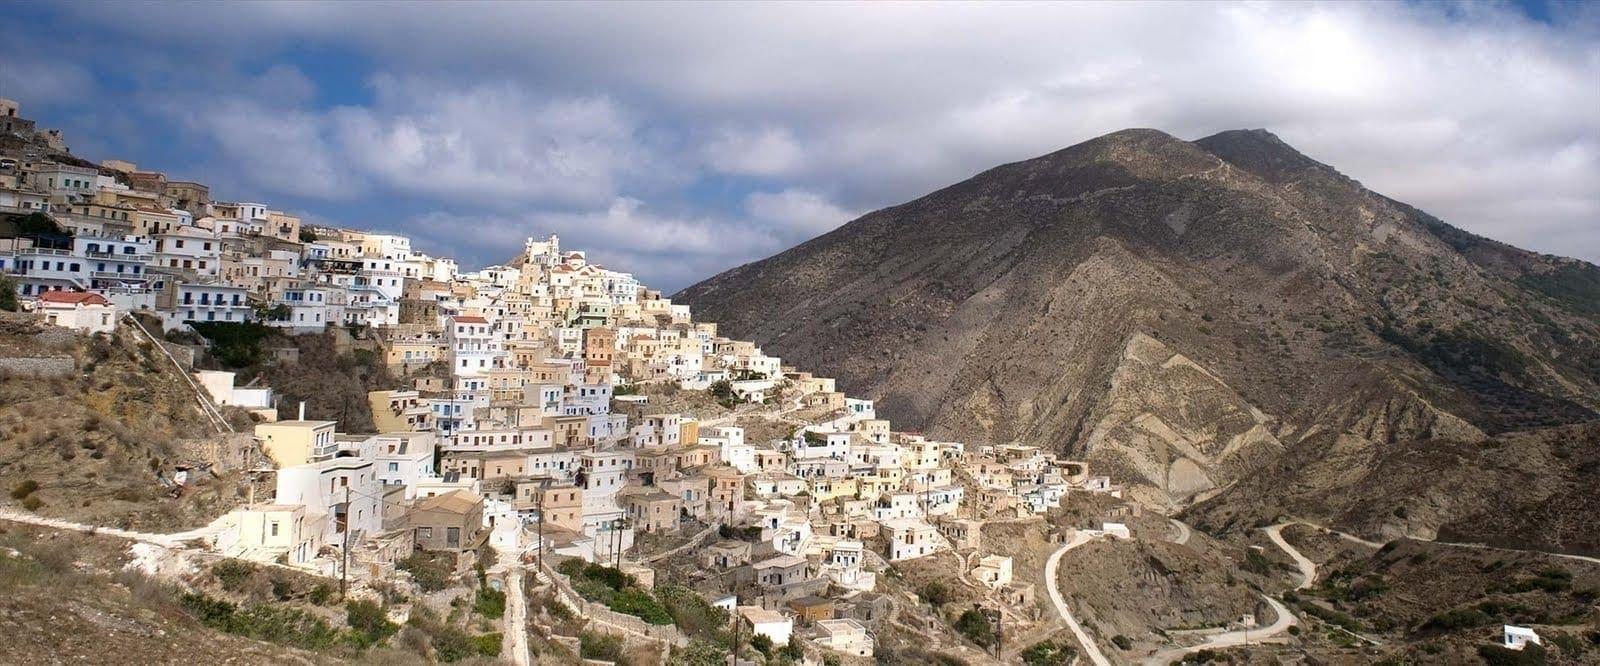 Karpathos-Greece-Olympos_Karpathos-hd